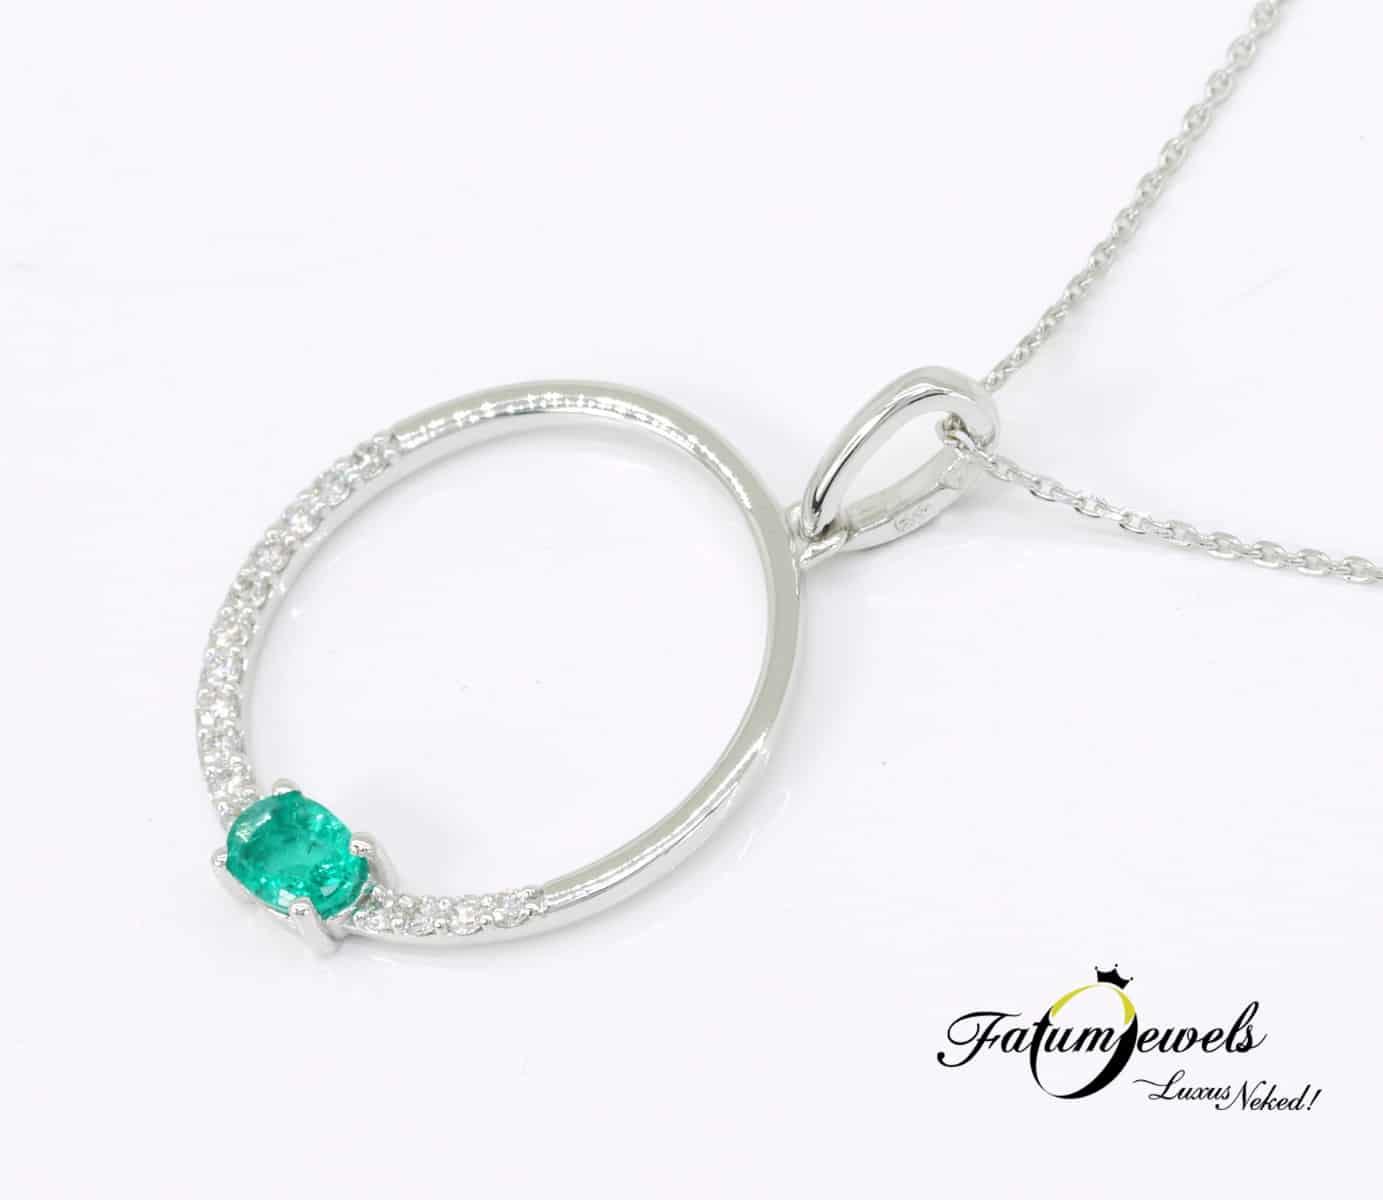 feherarany-gyemant-smaragd-medal-orakulum-fr250-0-10ct-w-vs1-zafir-0-13ct-li-14k